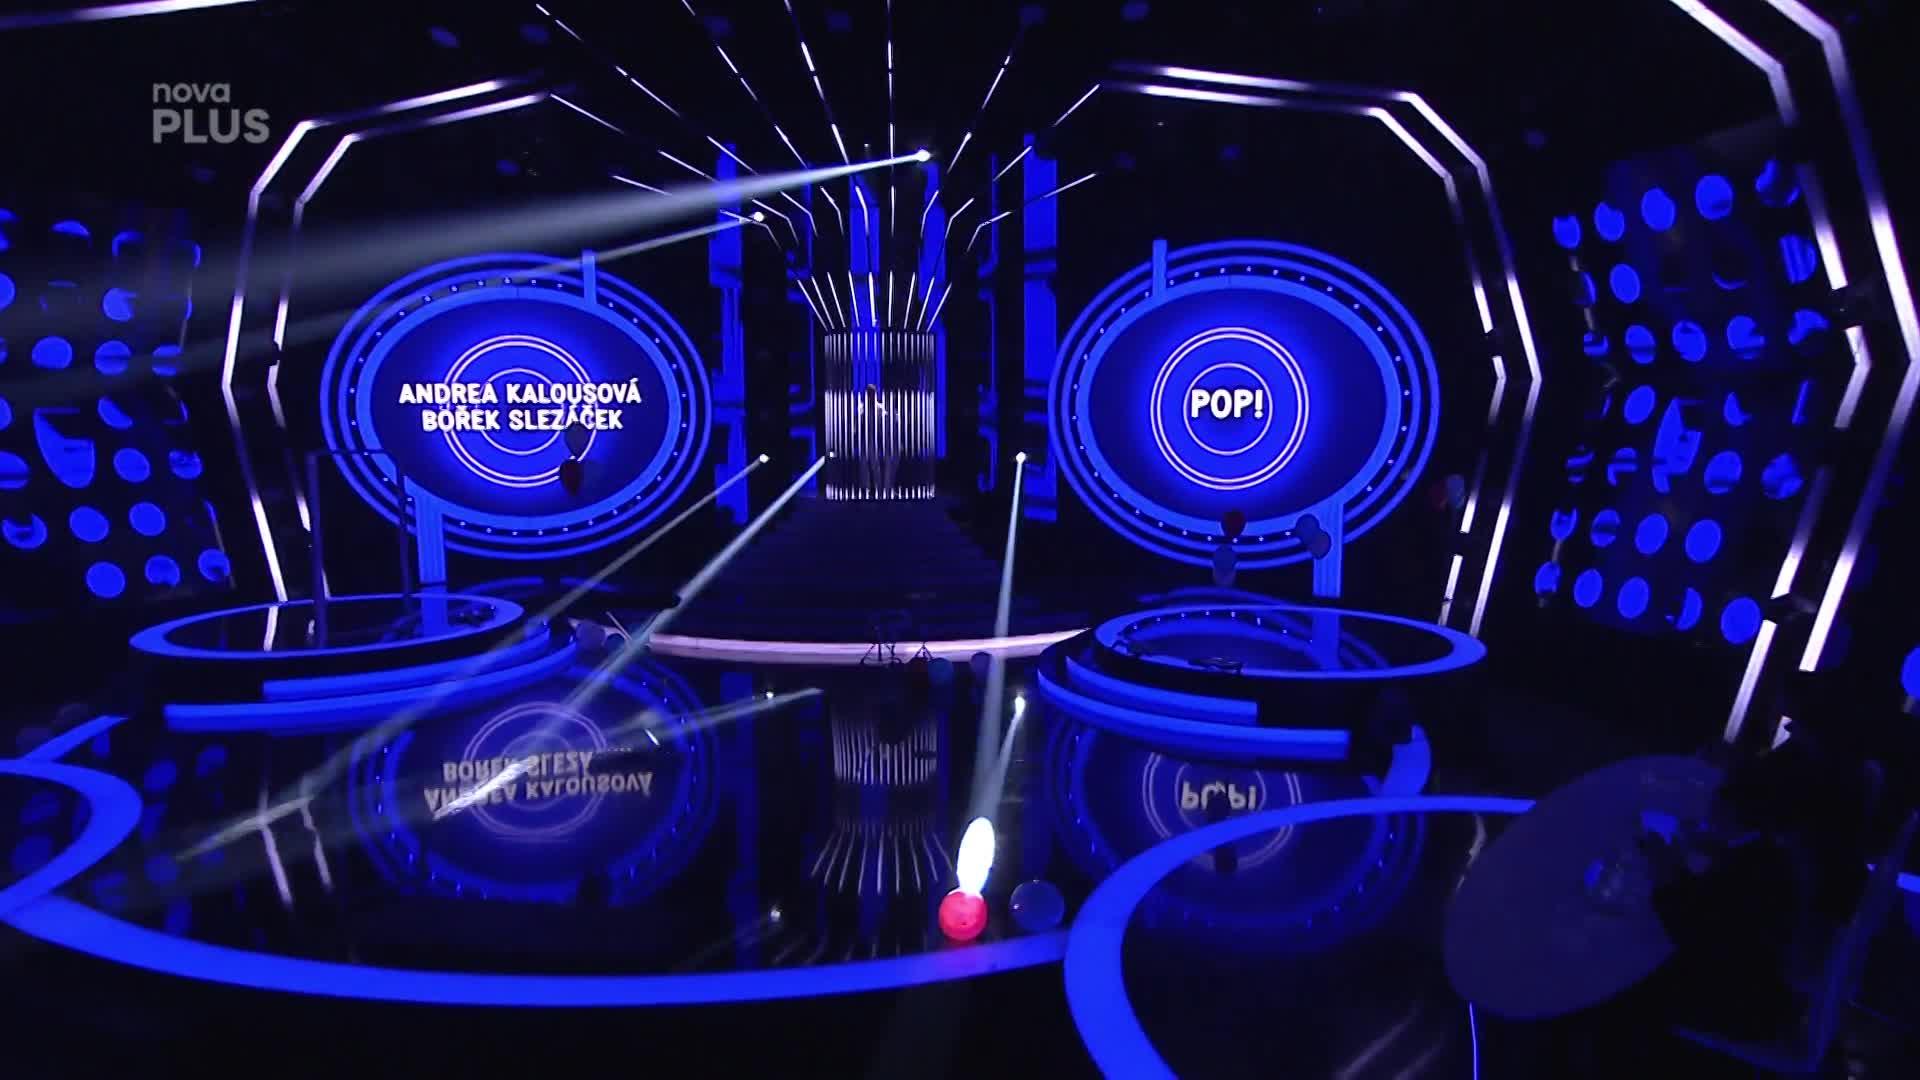 2020-11-21_NOVACZ-TTMZH-kalousova-slezacek-pop_3820565